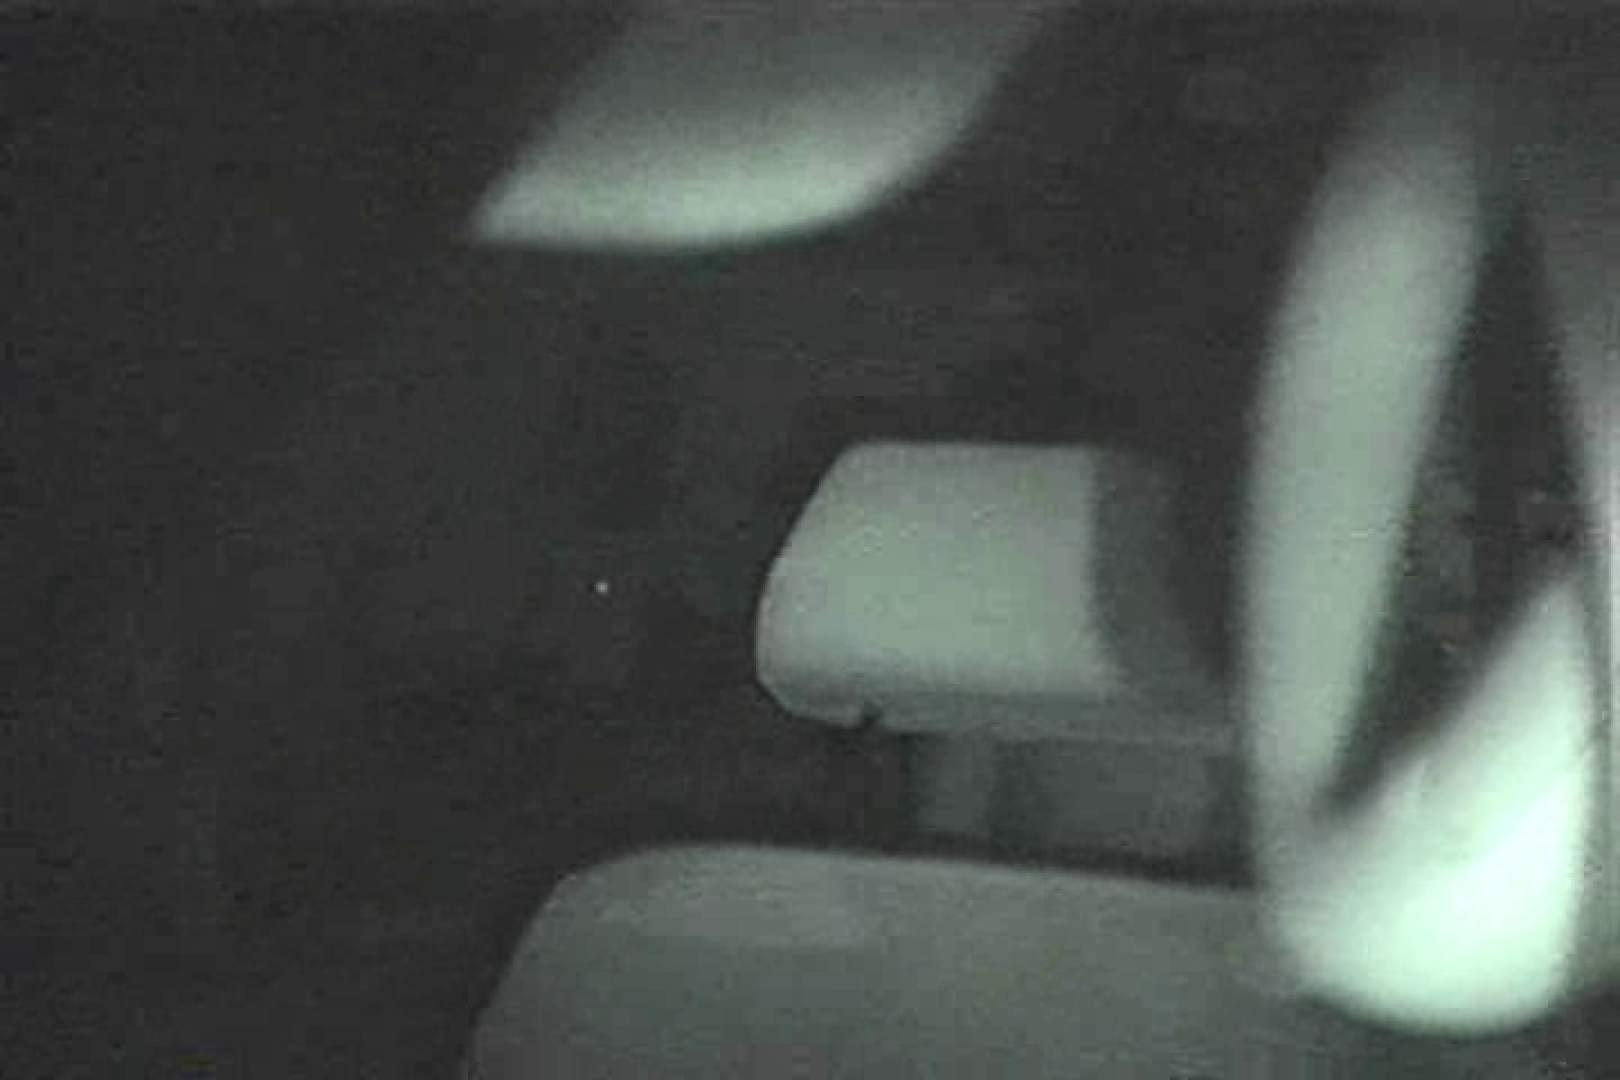 MASAさんの待ち伏せ撮り! 赤外線カーセックスVol.11 おまんこ無修正 隠し撮りセックス画像 86pic 40